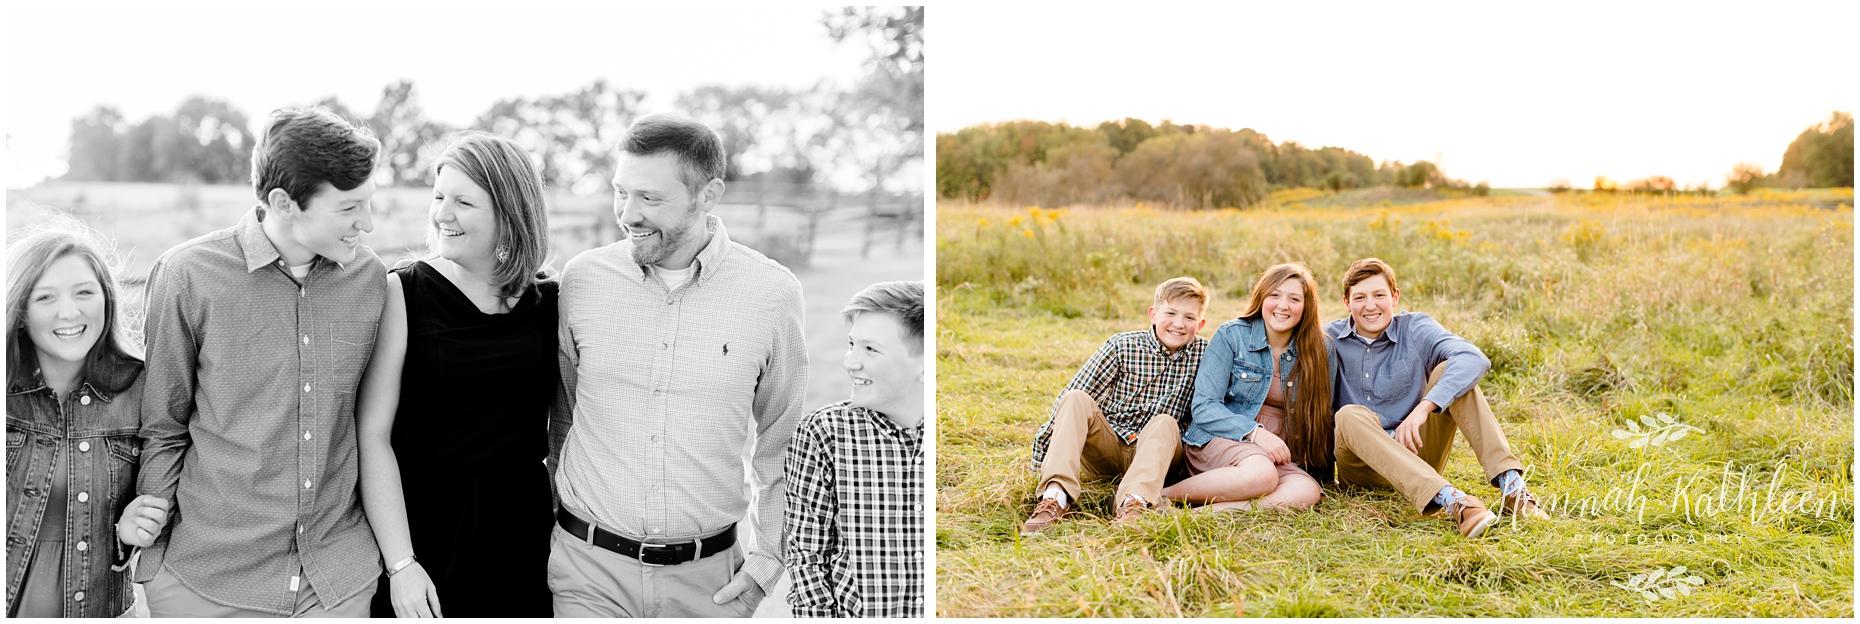 Eisenmann_Family_Knox_Farm_East_Aurora_Photography_Buffalo_New_York